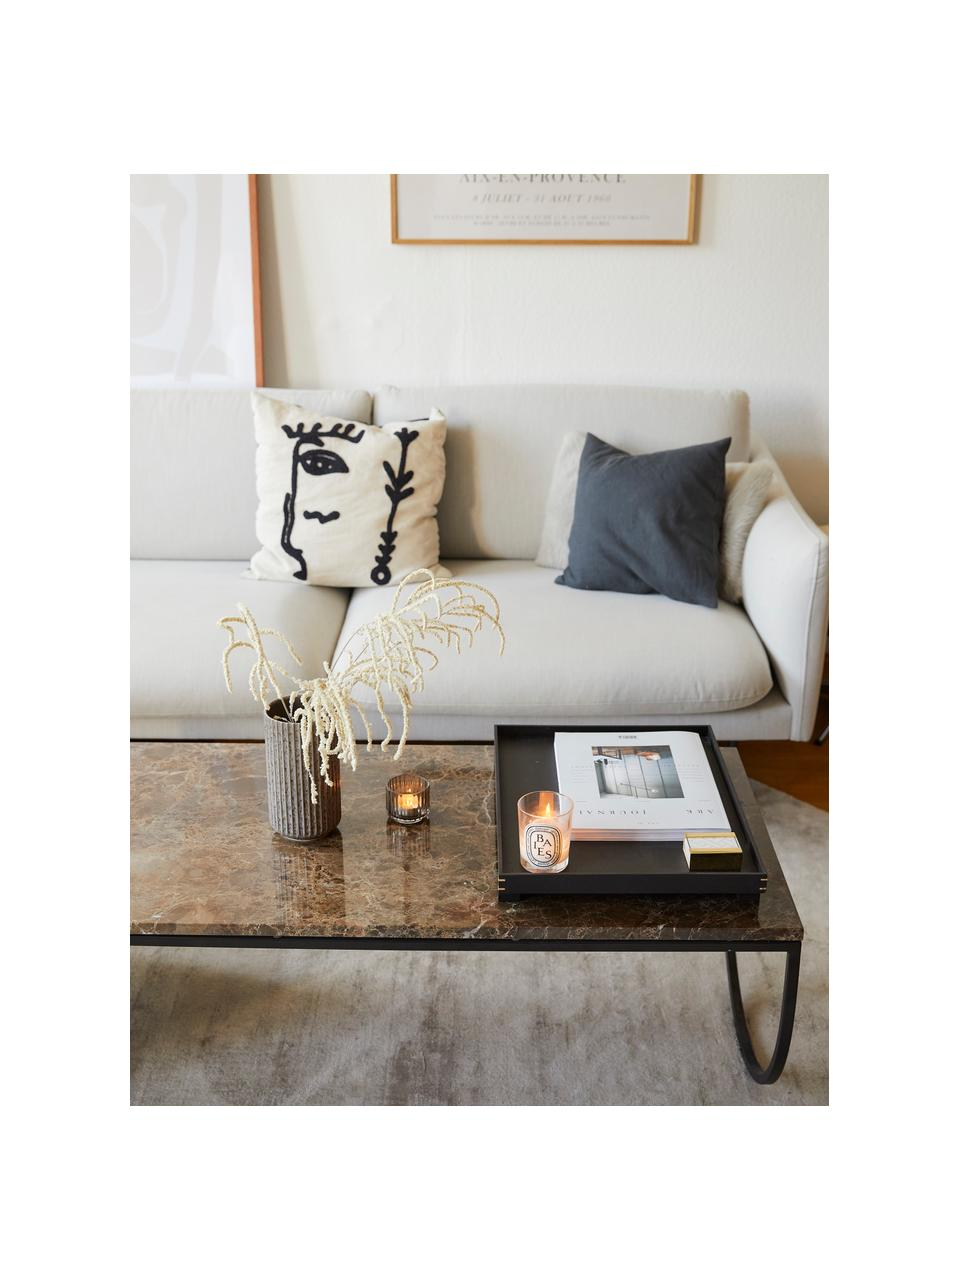 Sofa z metalowymi nogami Moby (3-osobowa), Tapicerka: poliester Dzięki tkaninie, Tapicerka: pianka na zawieszeniu spr, Nogi: metal malowany proszkowo, Beżowy, S 220 x G 95 cm